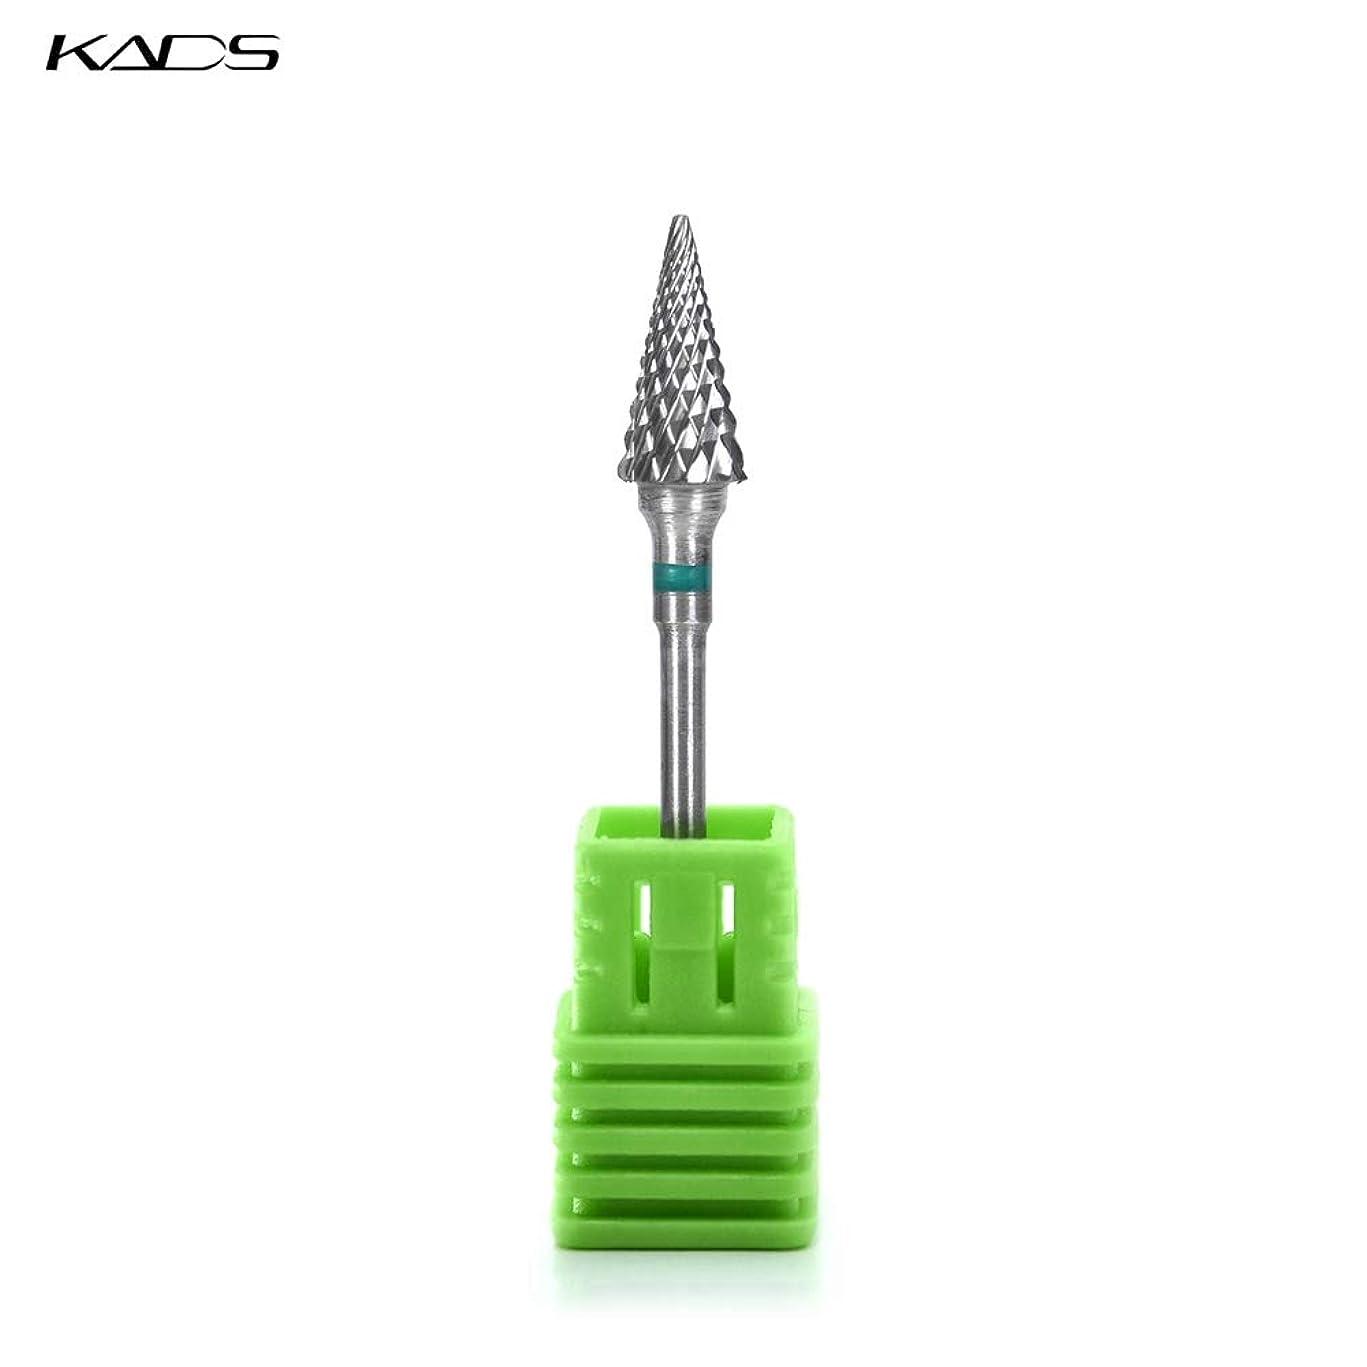 名前で増幅する徹底的にKADS ネイルドリルビット 研削ヘッド 研磨ヘッド 耐摩耗性 耐腐食性 高硬度 (C)